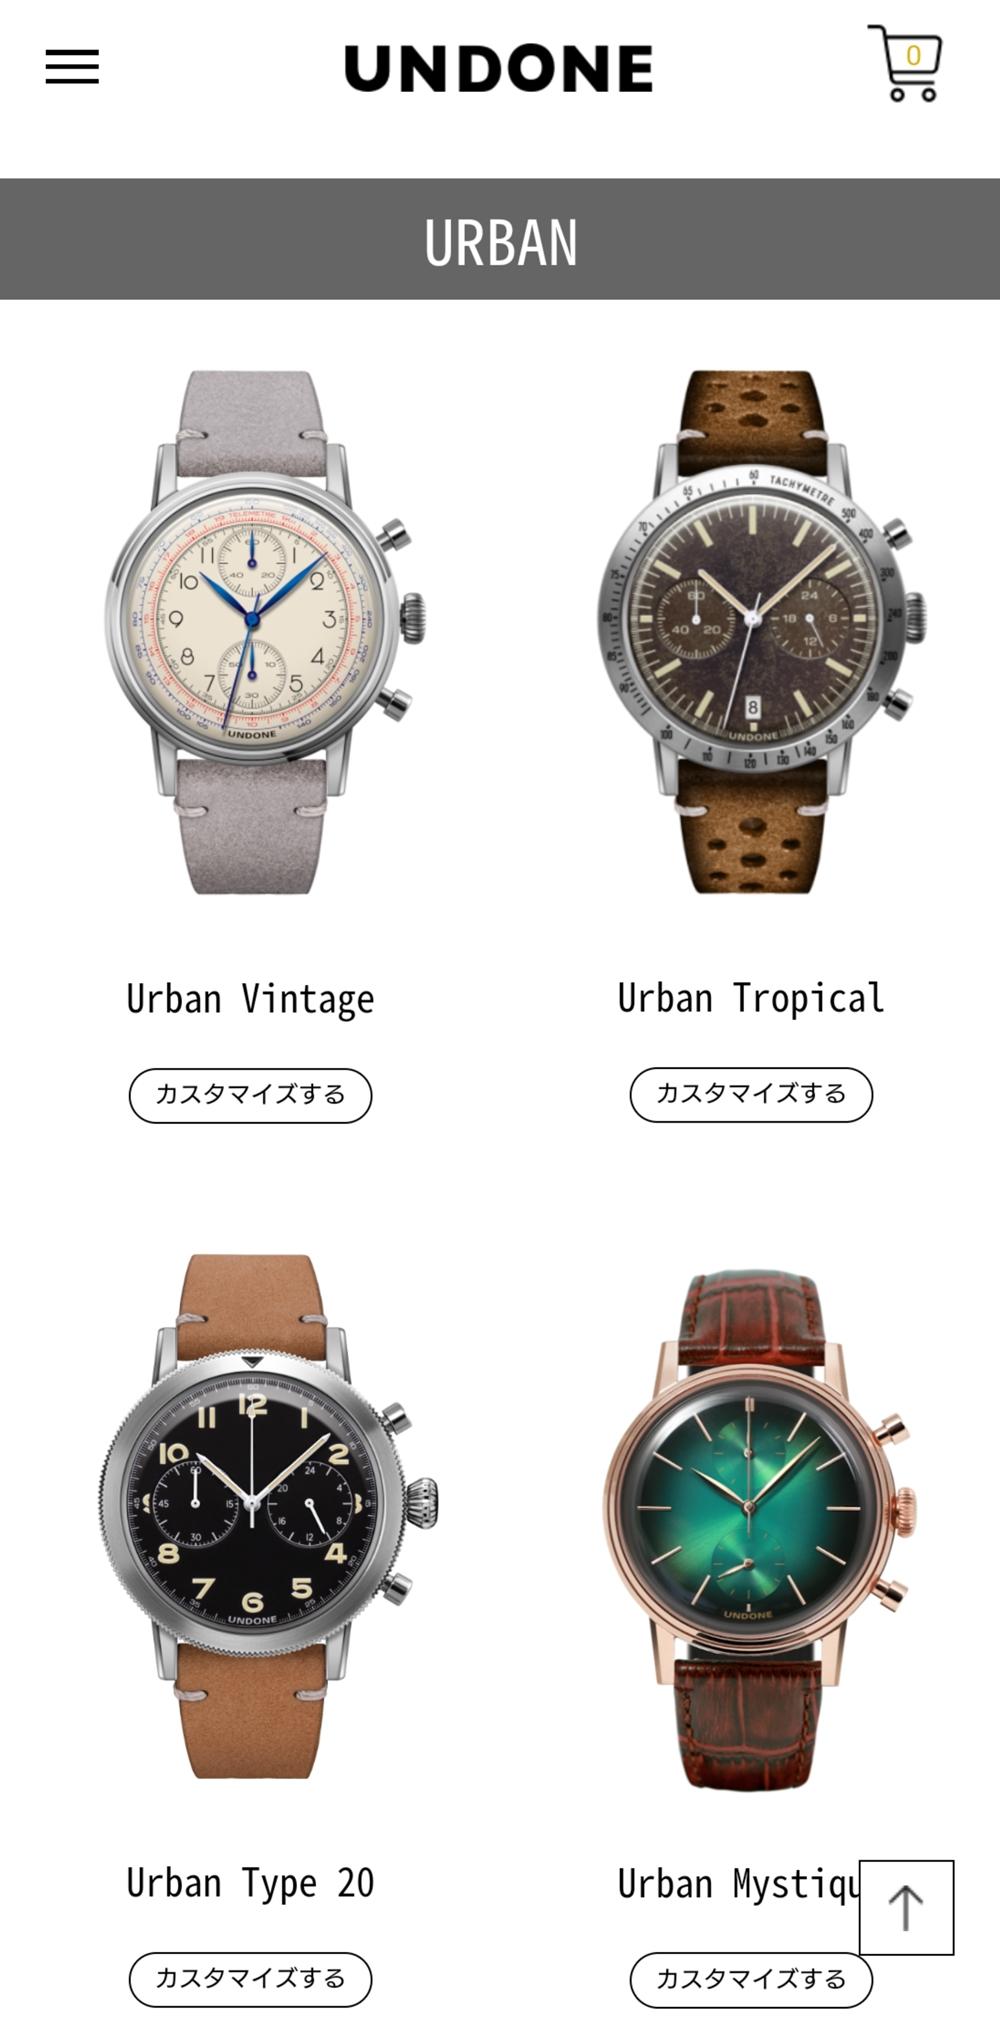 UNDONE アンダーン カスタマイズ方法 腕時計を選ぶ